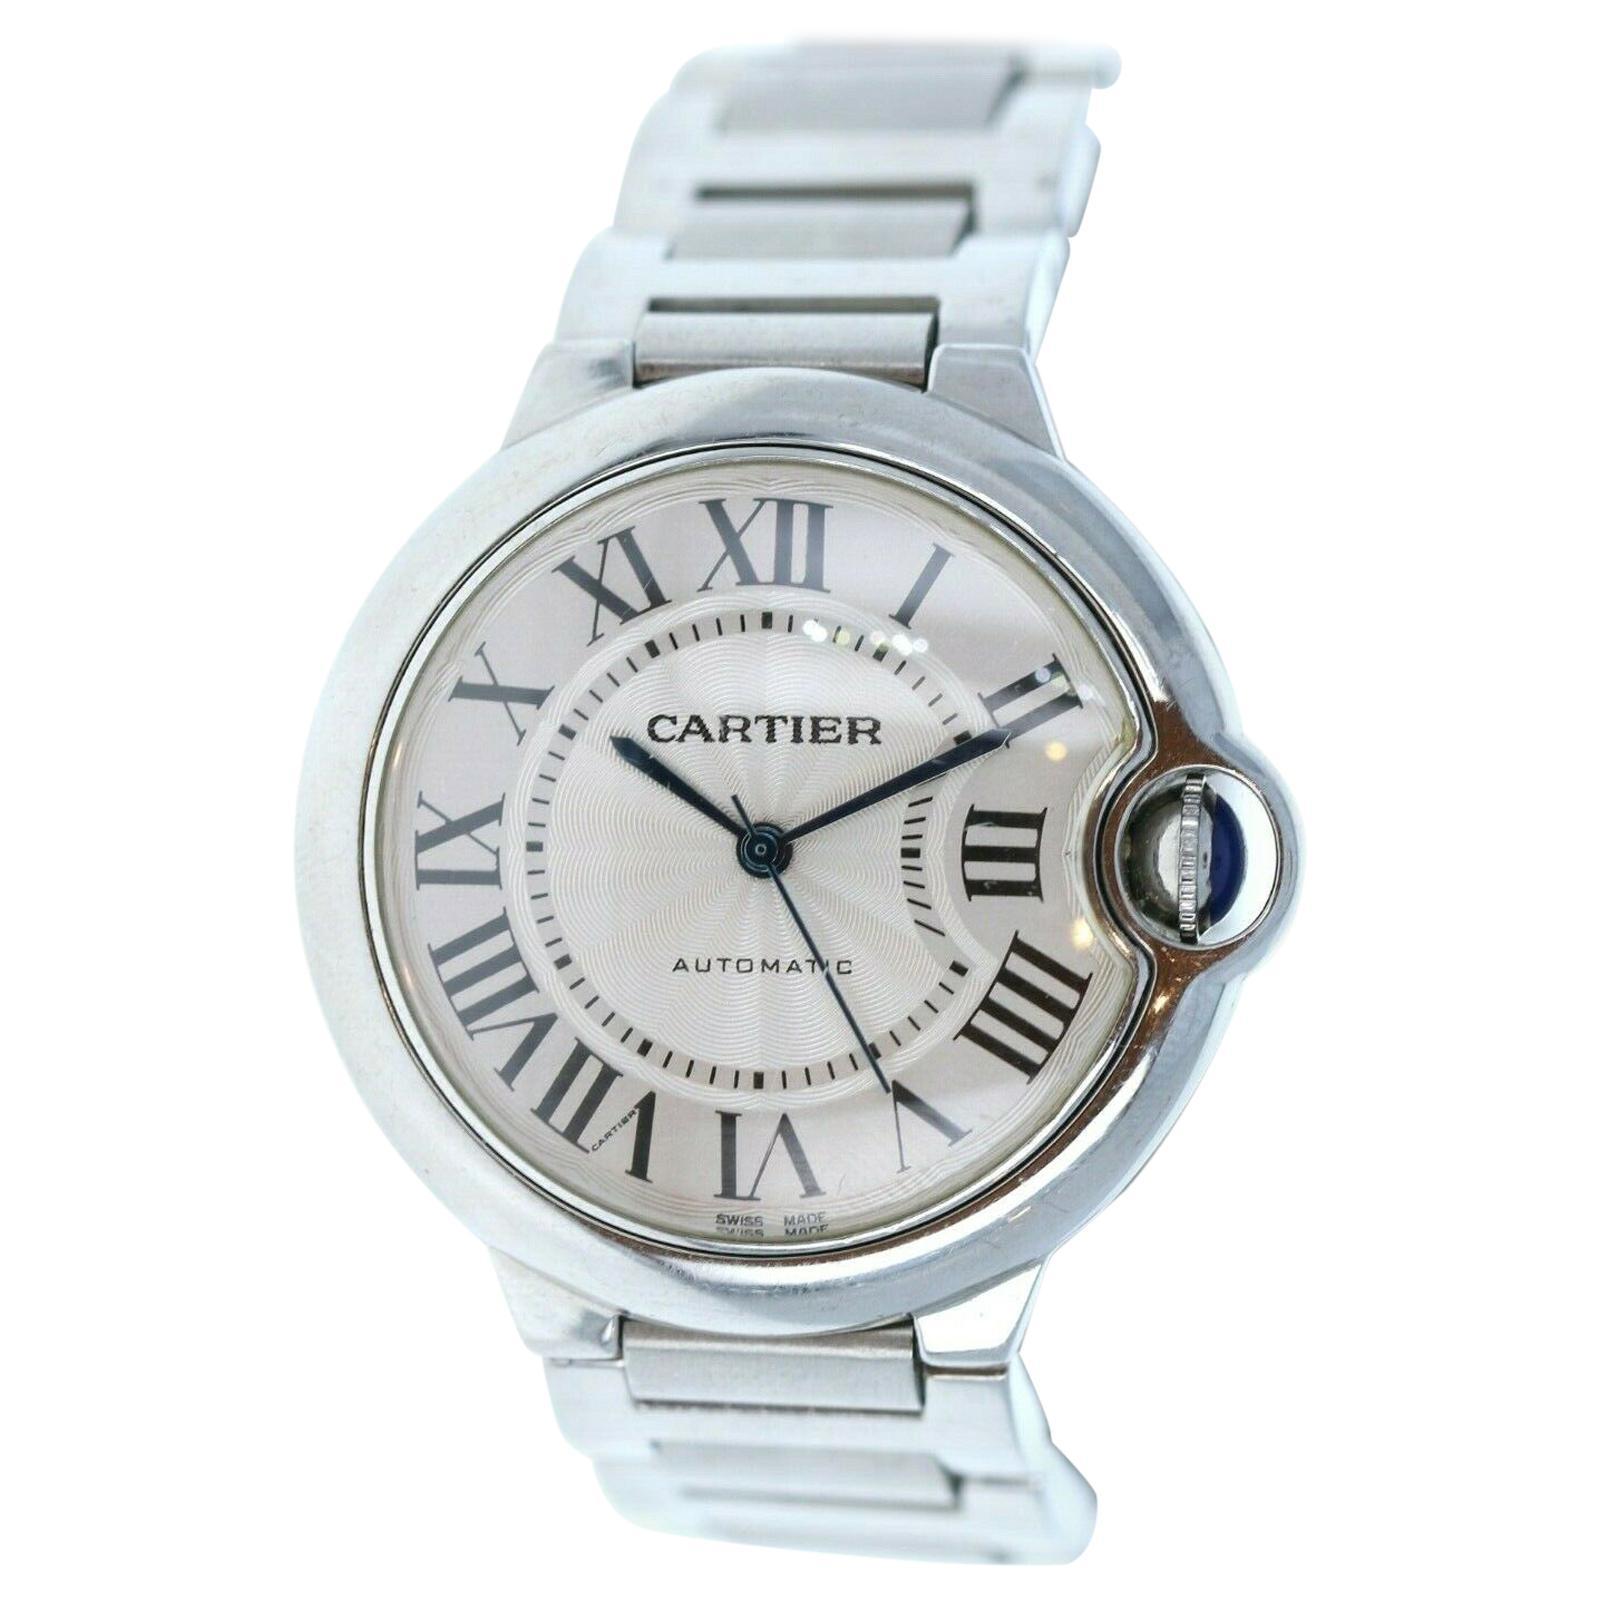 Cartier Ballon Bleu Watch Stainless Steel Automatic